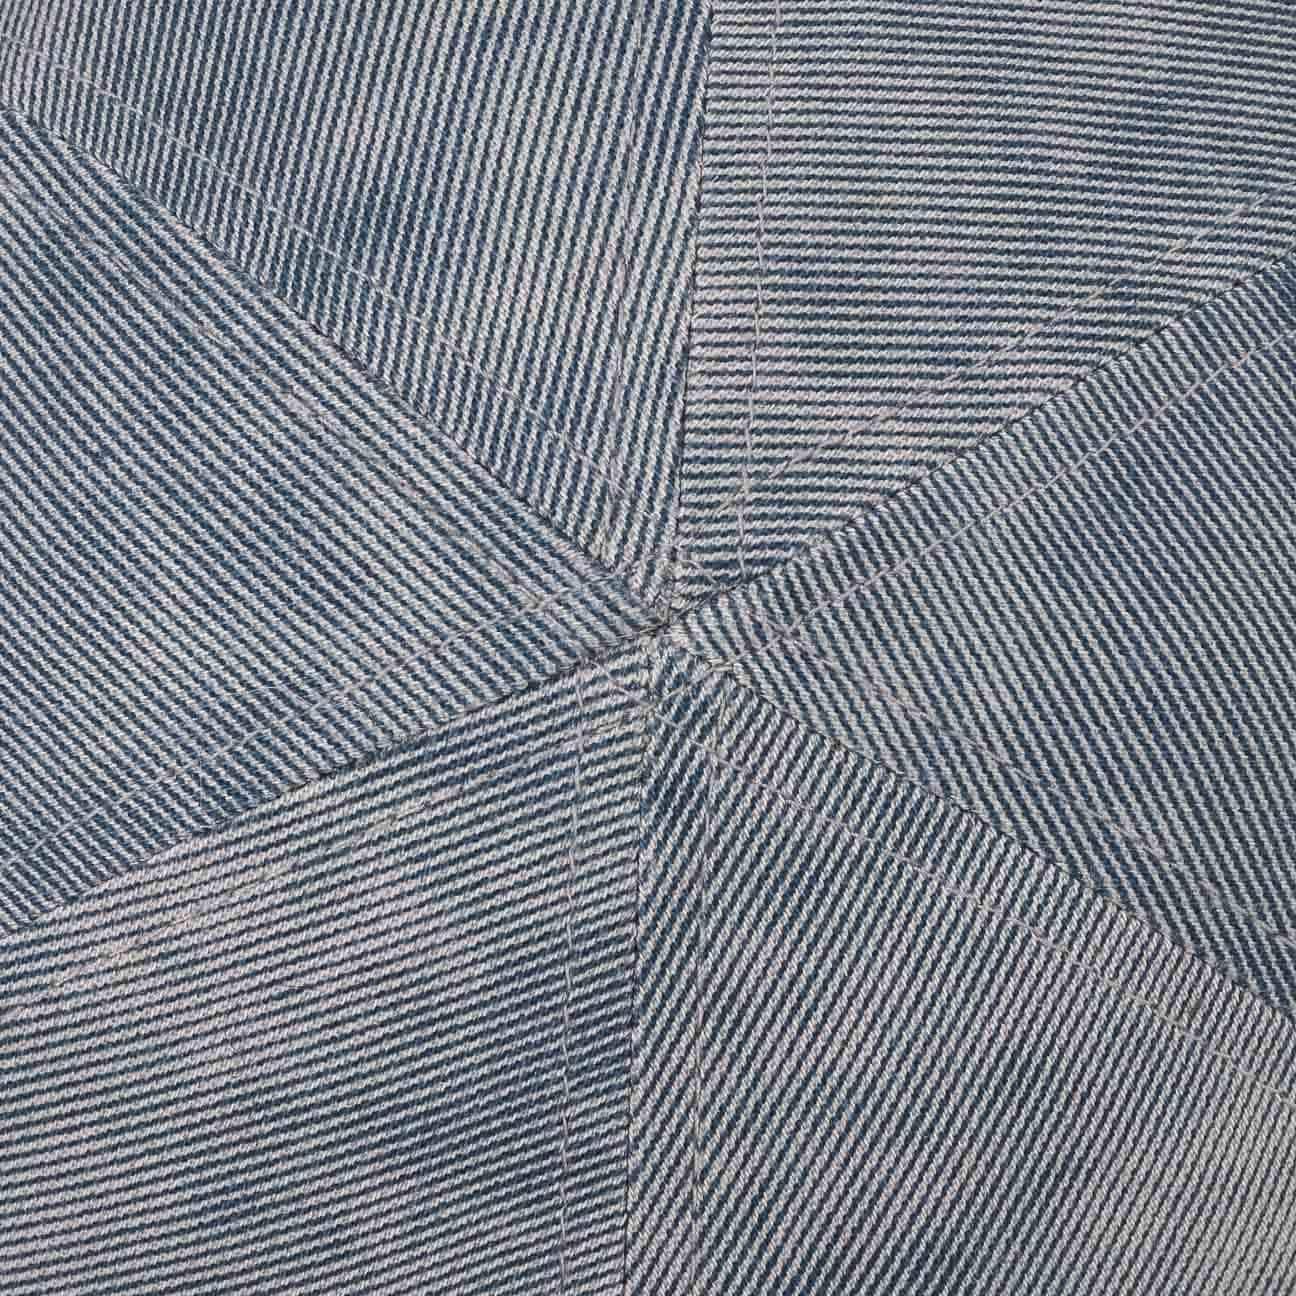 Gorra de Hombre con Cinta el/ástica Lipodo Flatcap Used Look Denim para Hombre Gorra Plana en Look Tejano Flat Cap con algod/ón Gorra para Primavera//Verano